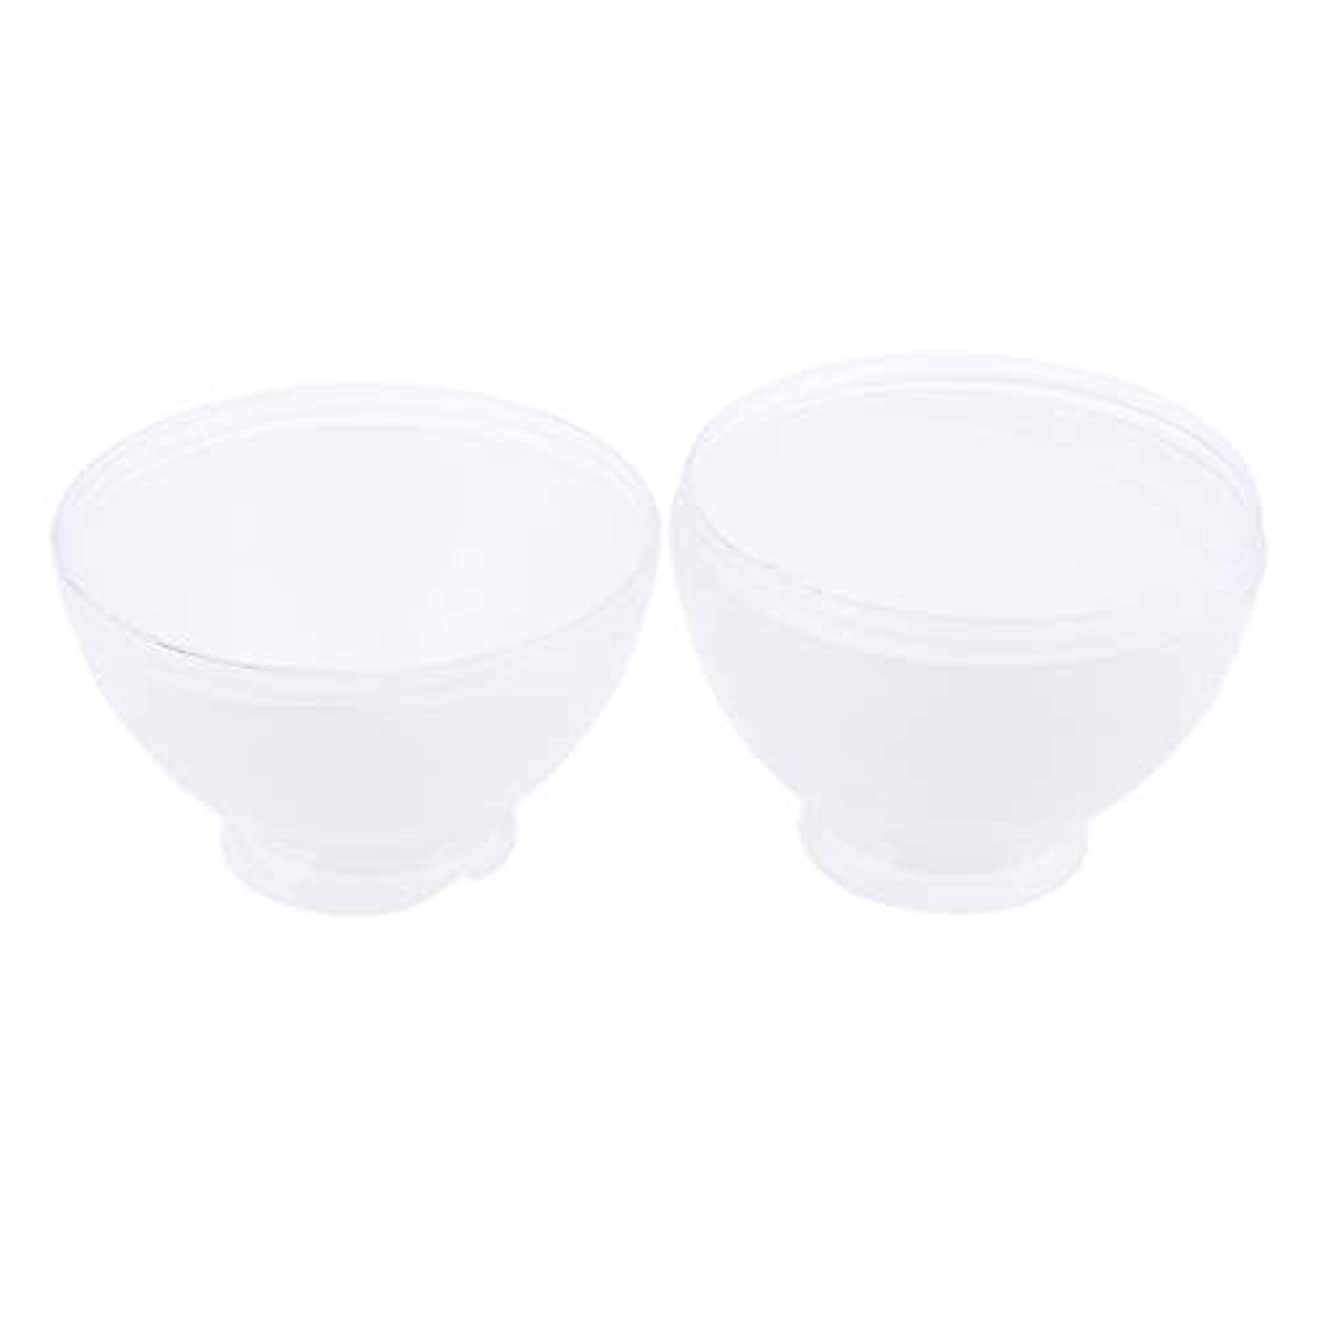 静脈忌まわしい建築家DYNWAVE カラーボウル ヘアカラー ミキシングボトル プロ 美容師 キャンディー形状 便利 漏れ防止 全3色 - 白